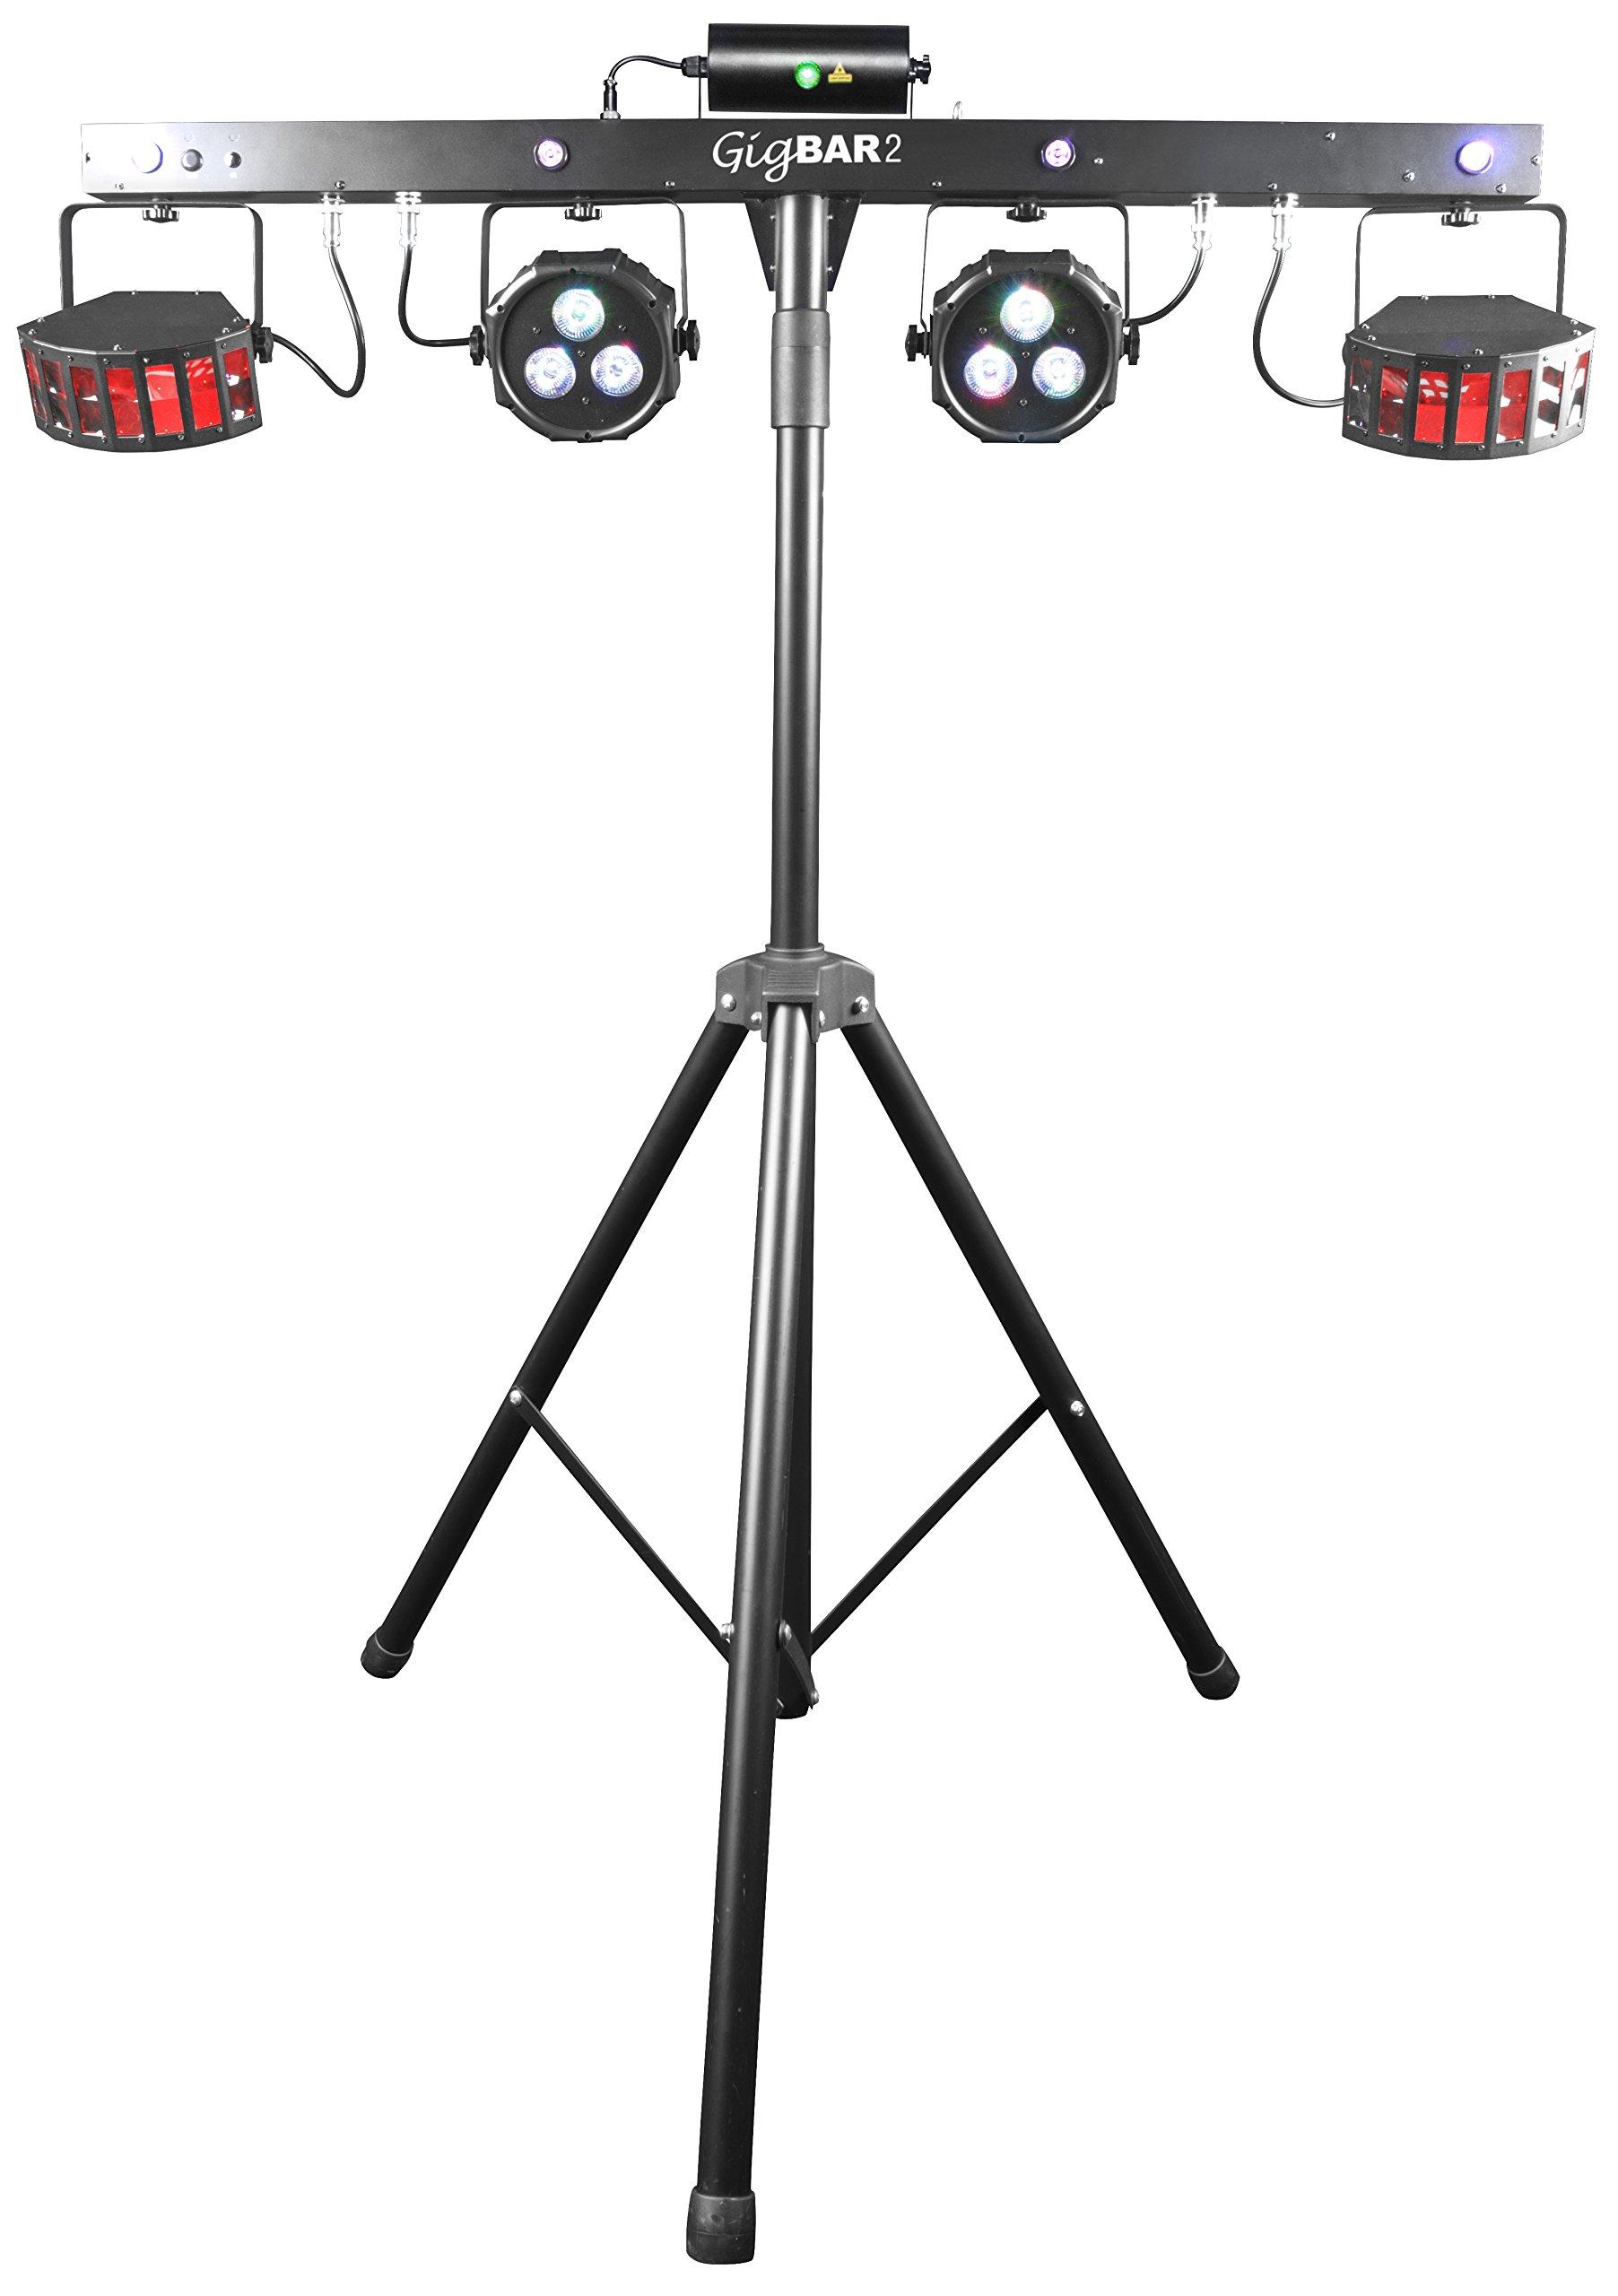 CHAUVET DJ GIGBAR 2 4-in-1 LED Lighting System w/2 LED Derbys, LED Wash Light, Laser, & 4 LED Strobe Lights | Laser & Strobe Effects